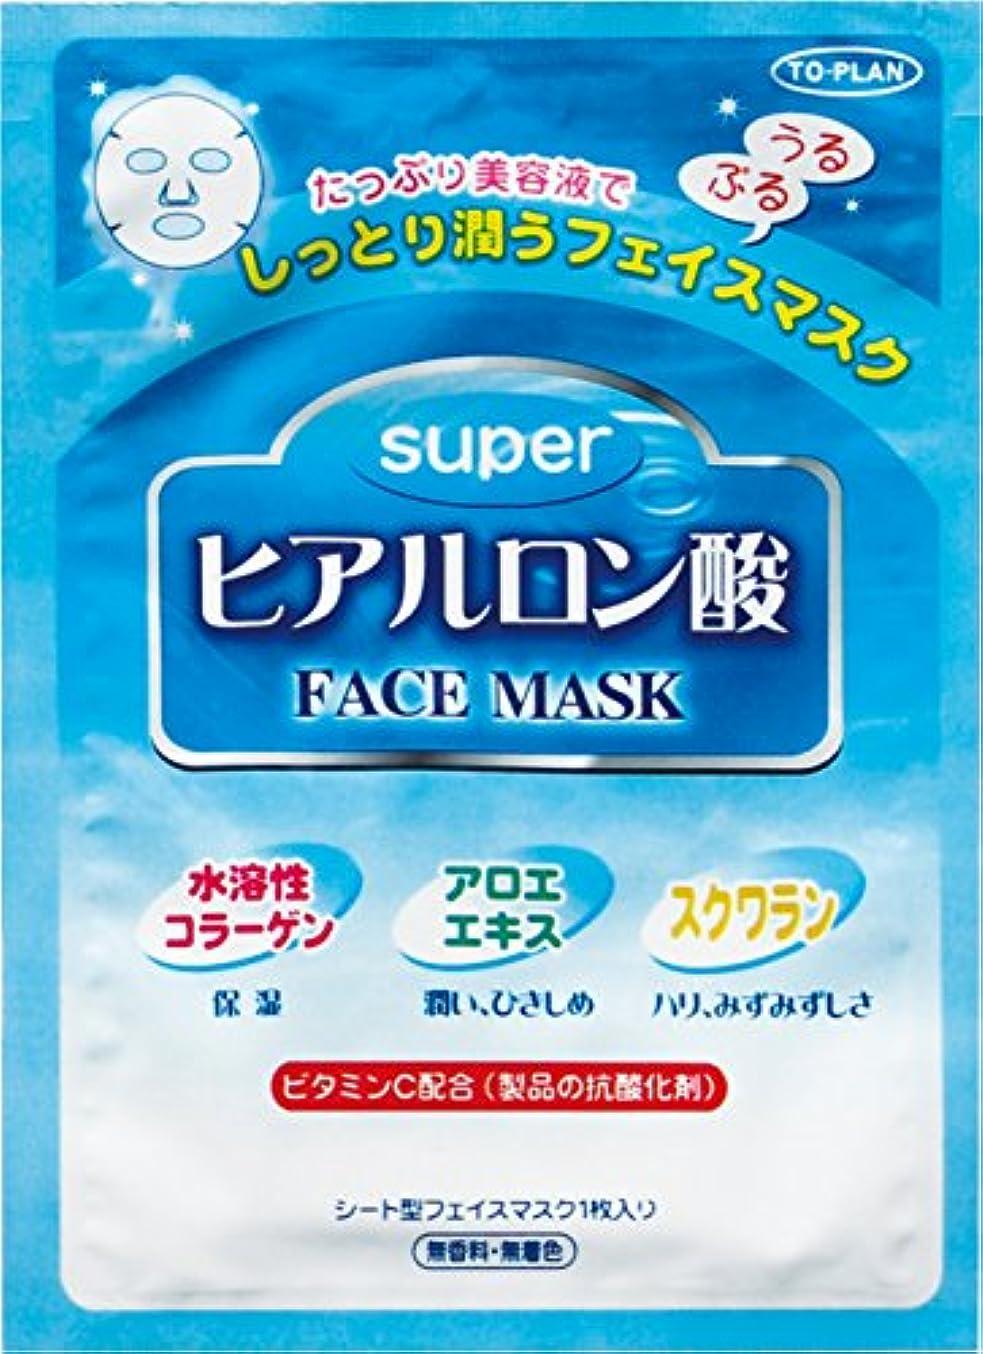 ヒアルロン酸フェイスマスク 15mL 10枚入